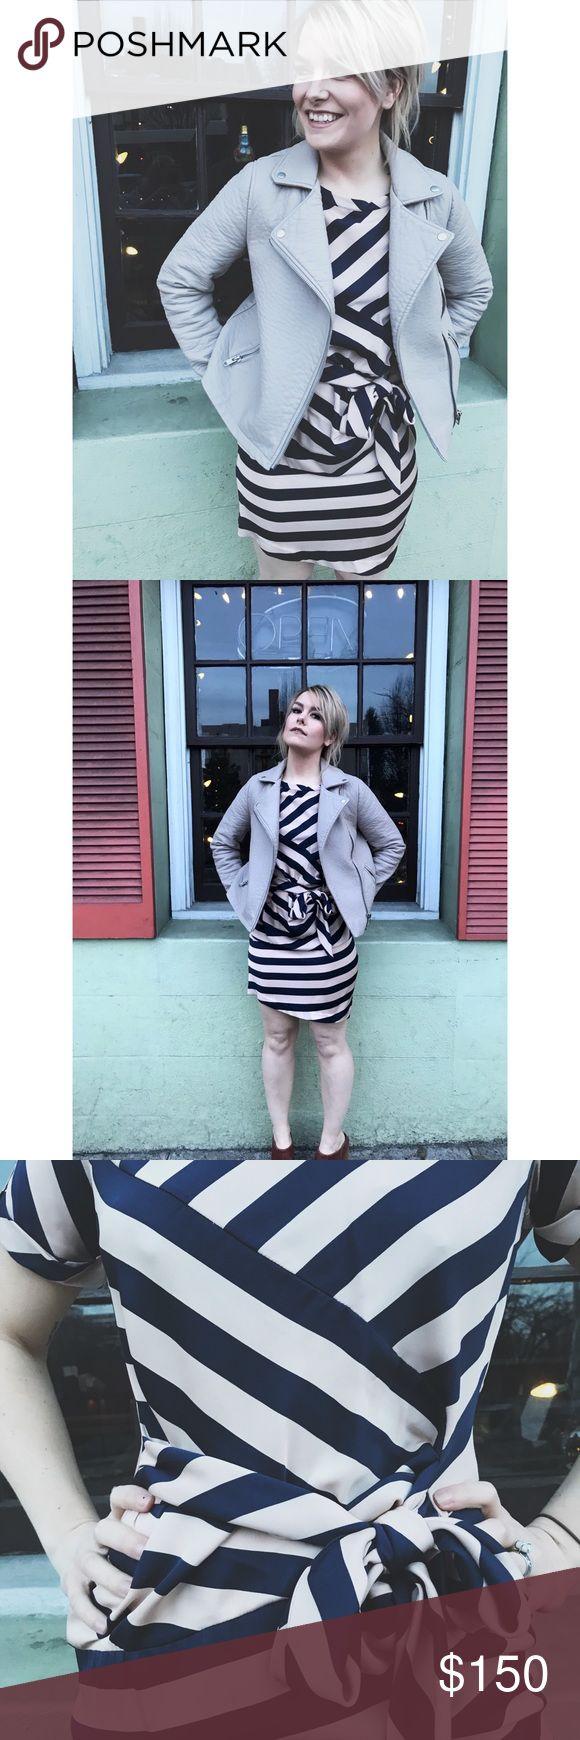 Silk Diane Von Furstenberg stripe dress. Perfect dress for your bizz professional bunch this weekend. (Pink and navy) Diane Von Furstenberg Dresses Midi